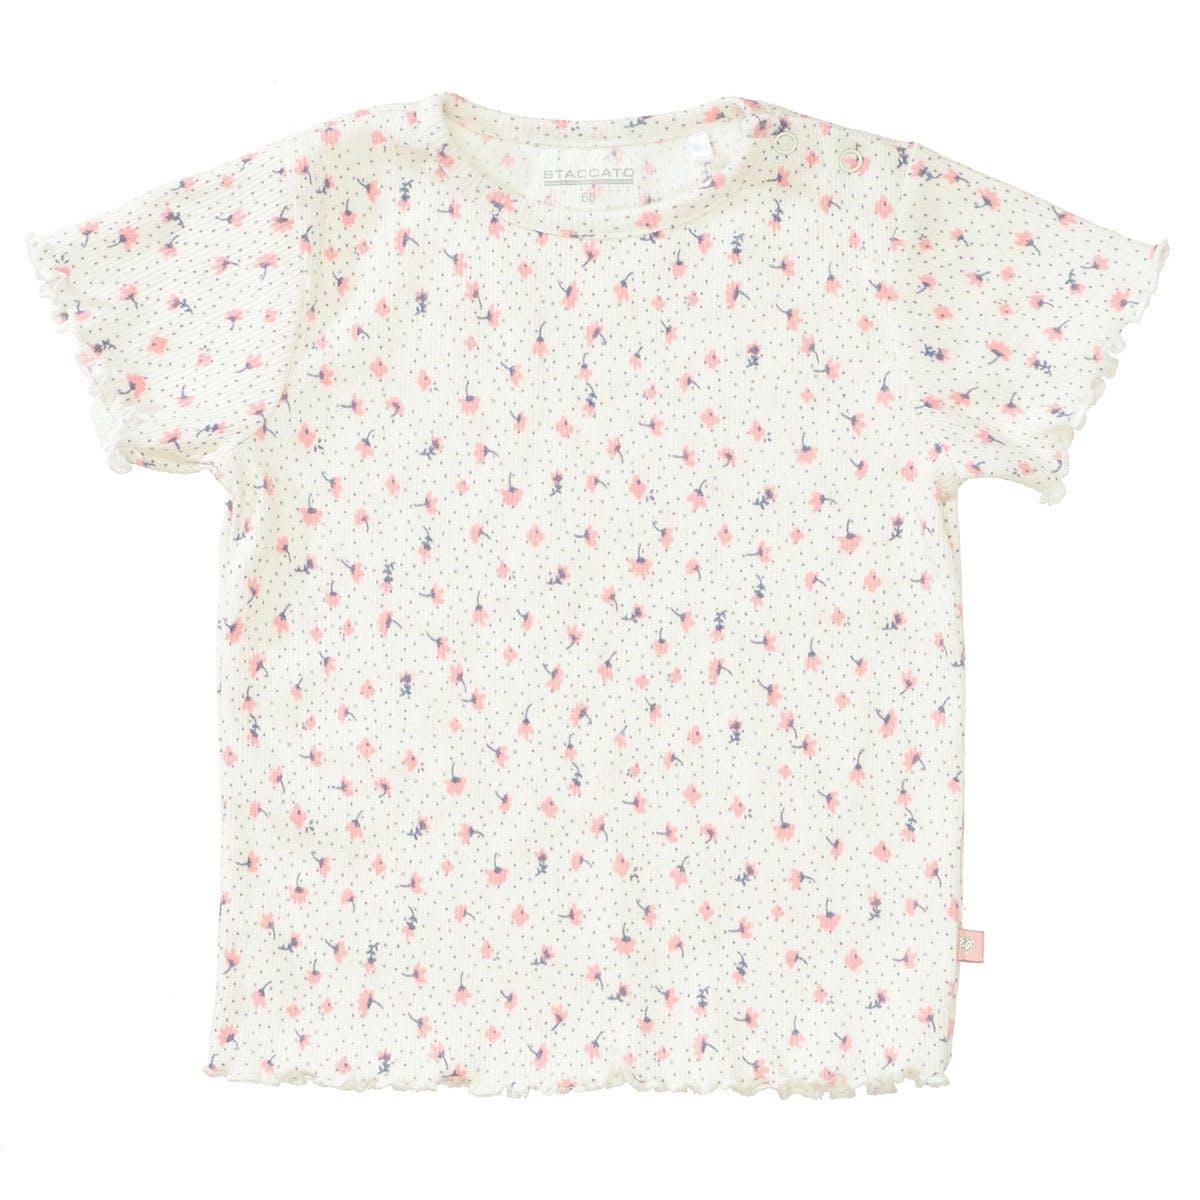 T-Shirt mit feiner Ripp-Struktur - Cream AOP